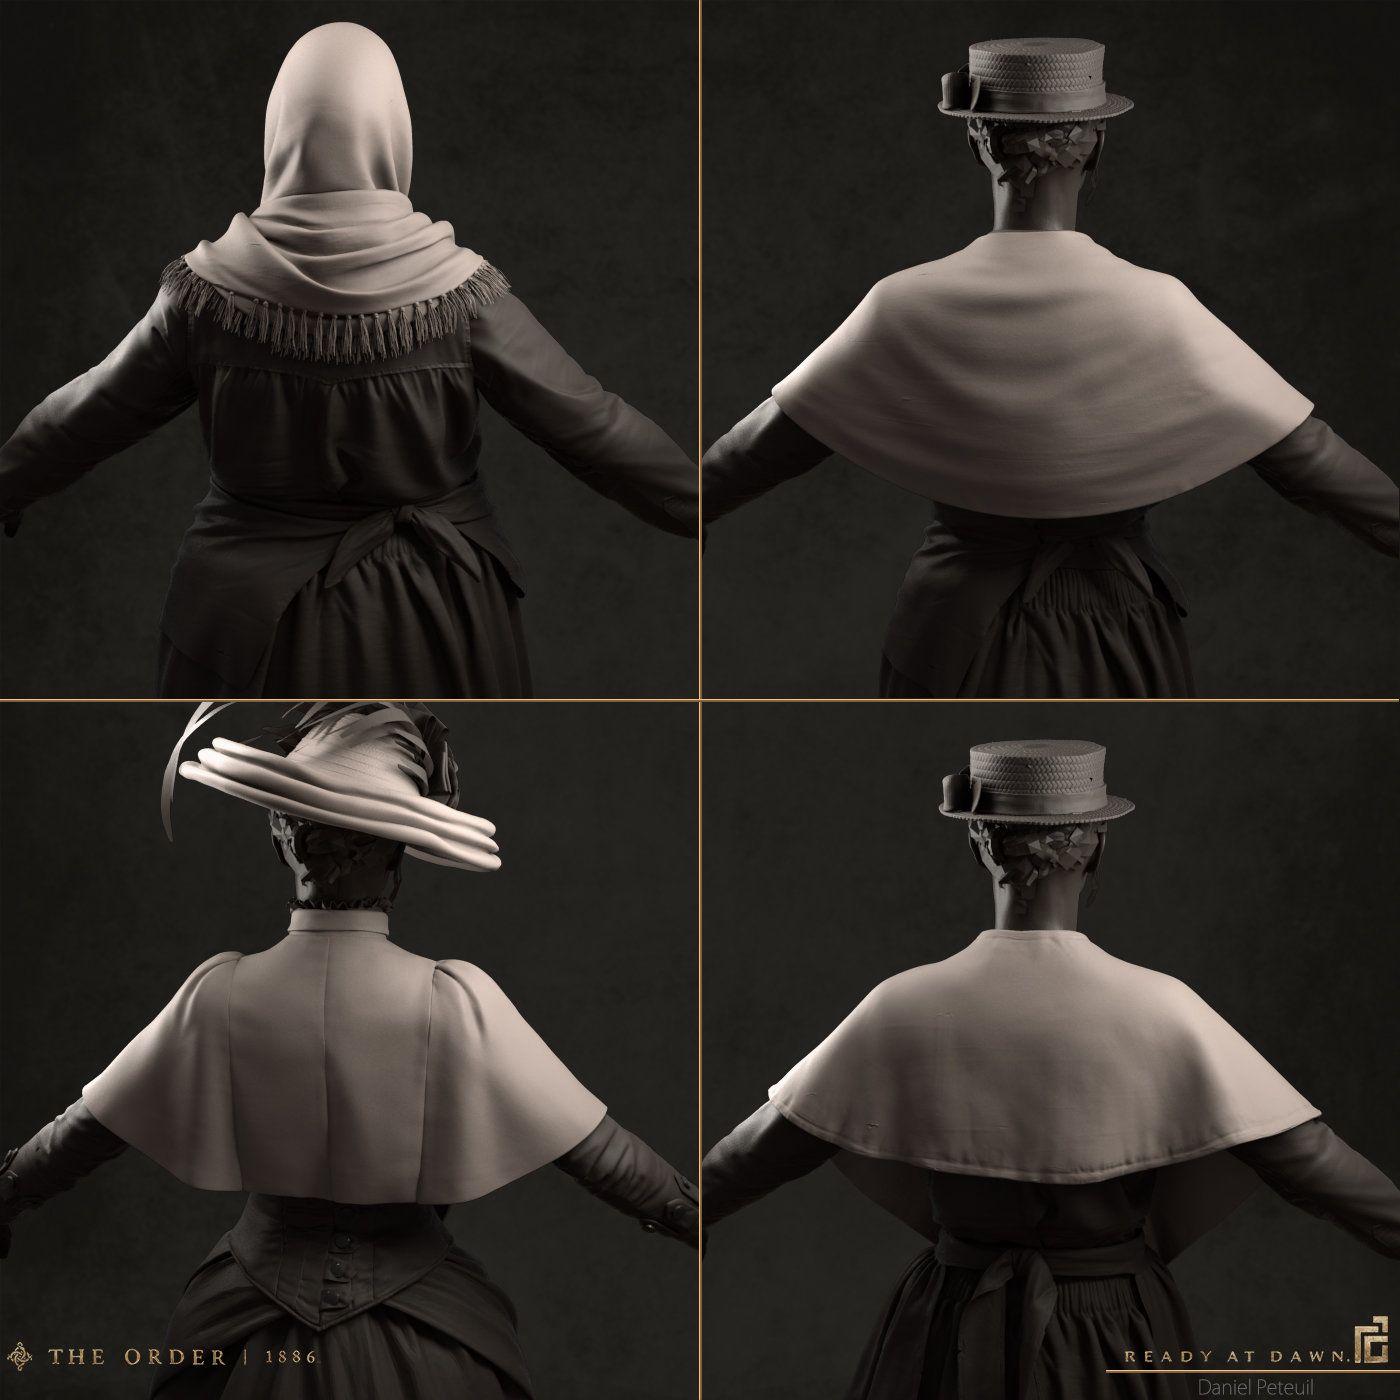 ArtStation - The Order: 1886 - Civilian Clothes, Daniel Peteuil